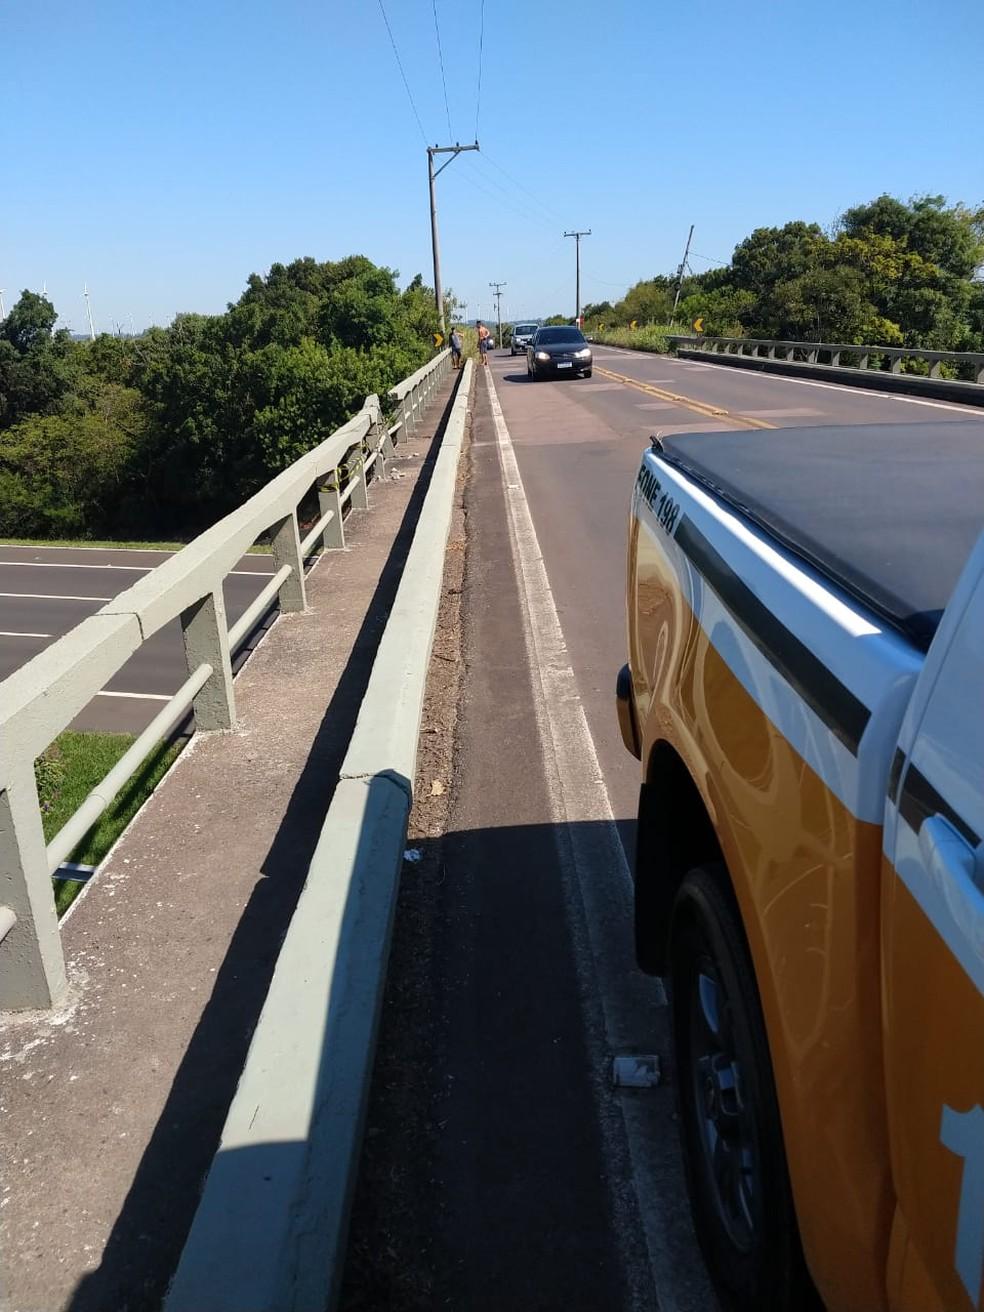 Acidente aconteceu no km 05 da rodovia. — Foto: Comando Rodoviário da Brigada Militar (CRBM)/Divulgação